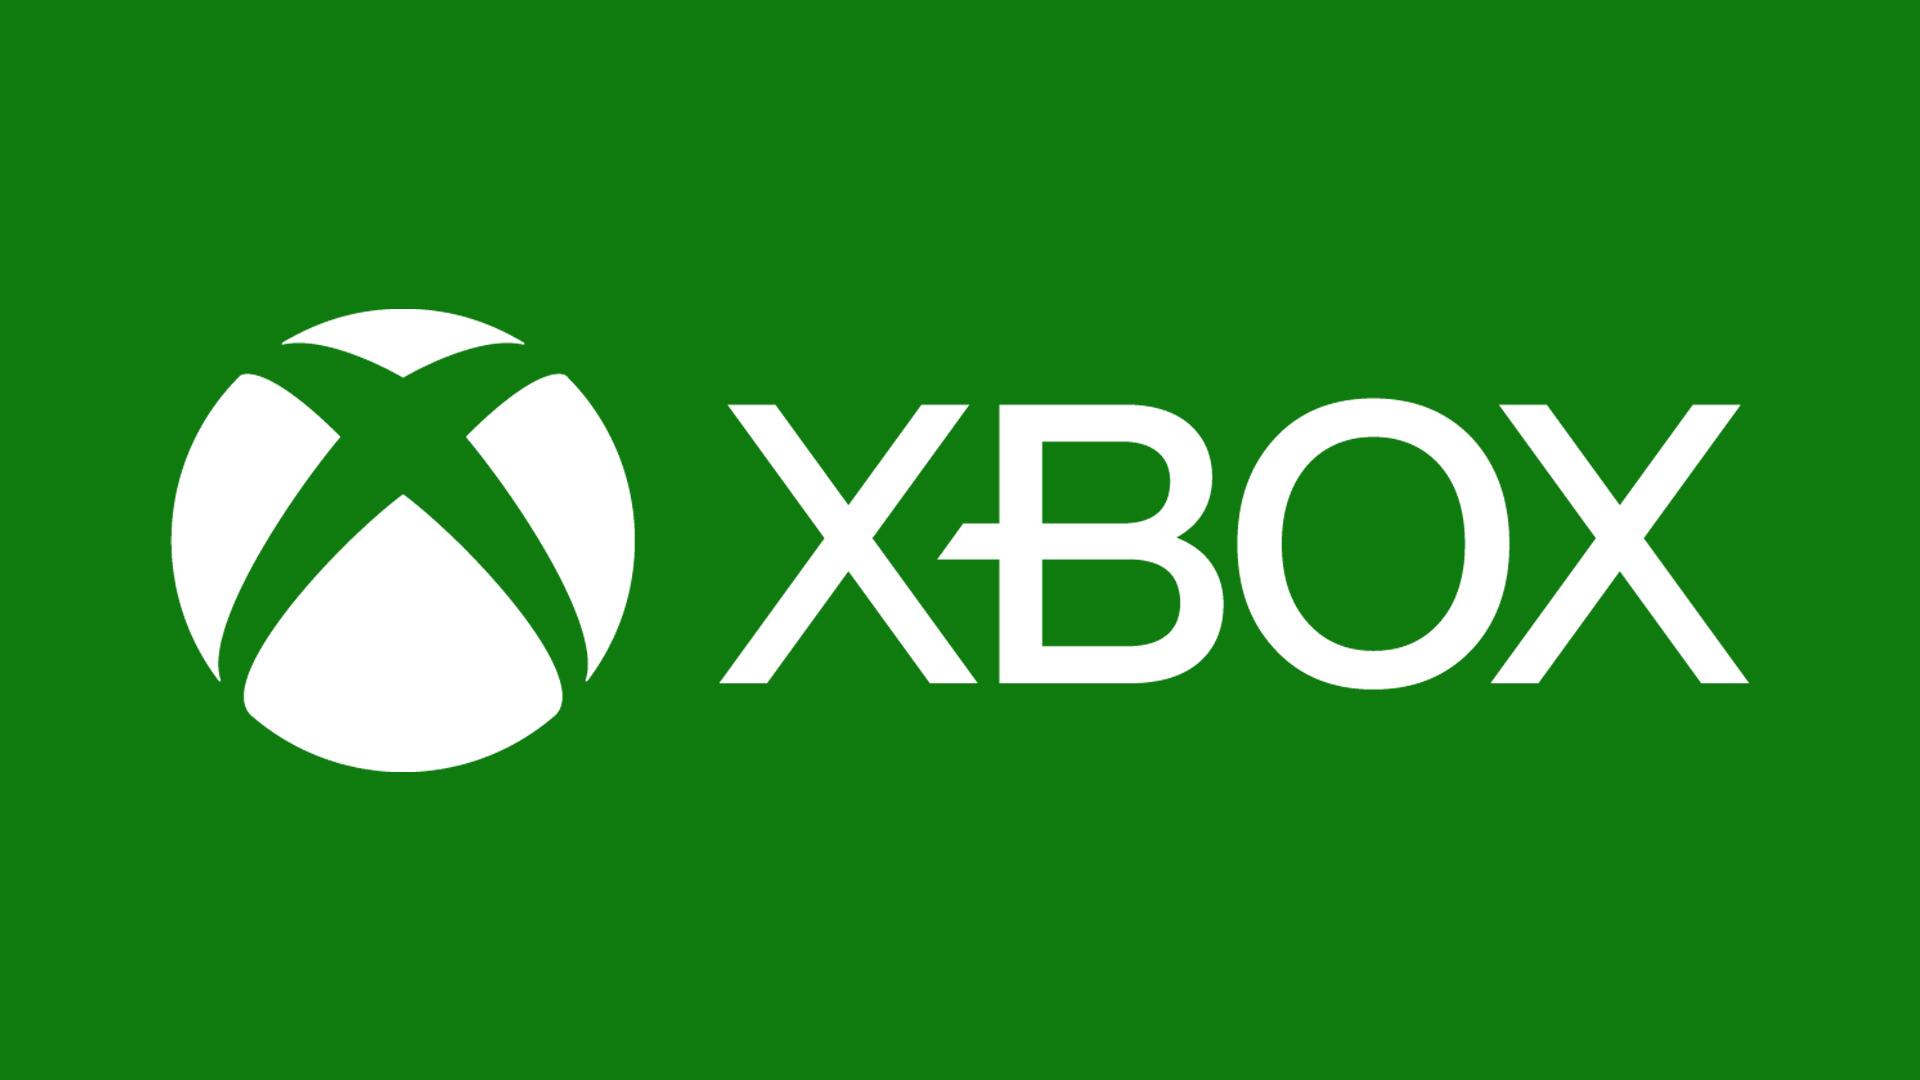 У Xbox больше 100 миллионов активных пользователей в месяц